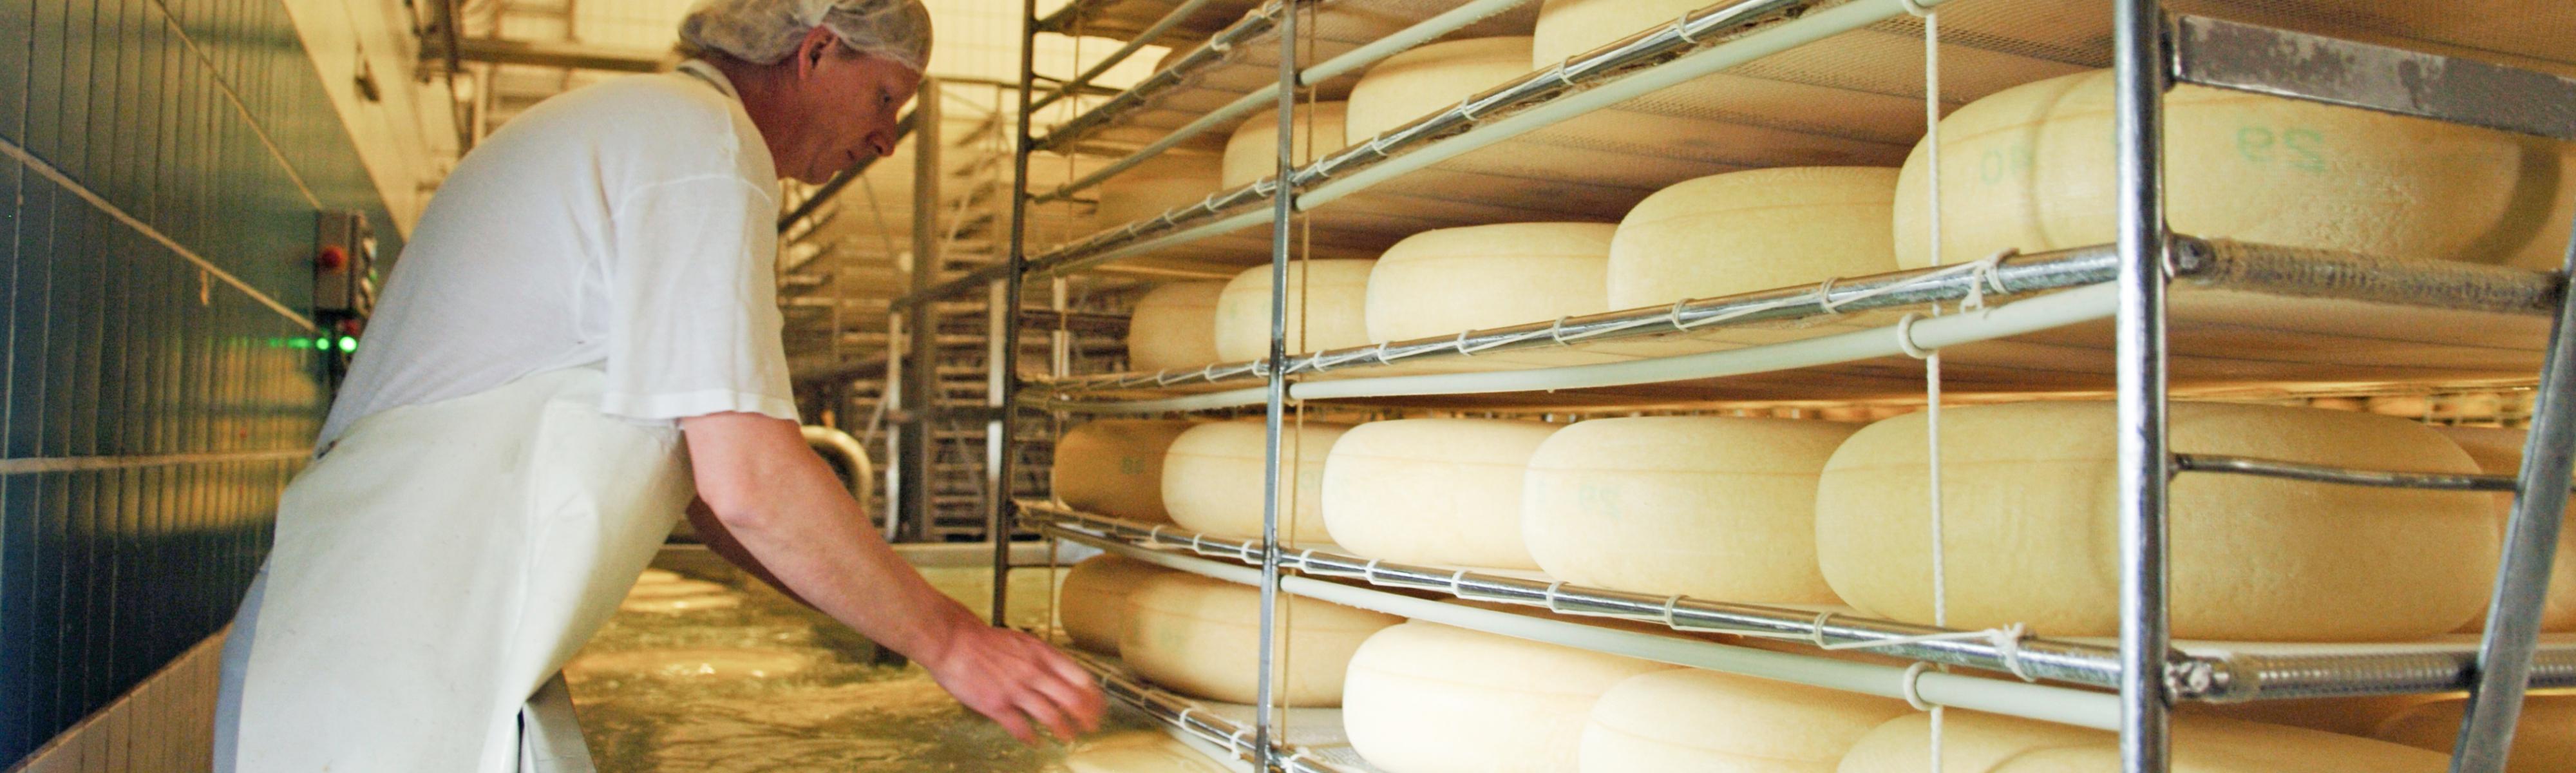 Kaas maken in de zuivelfabriek